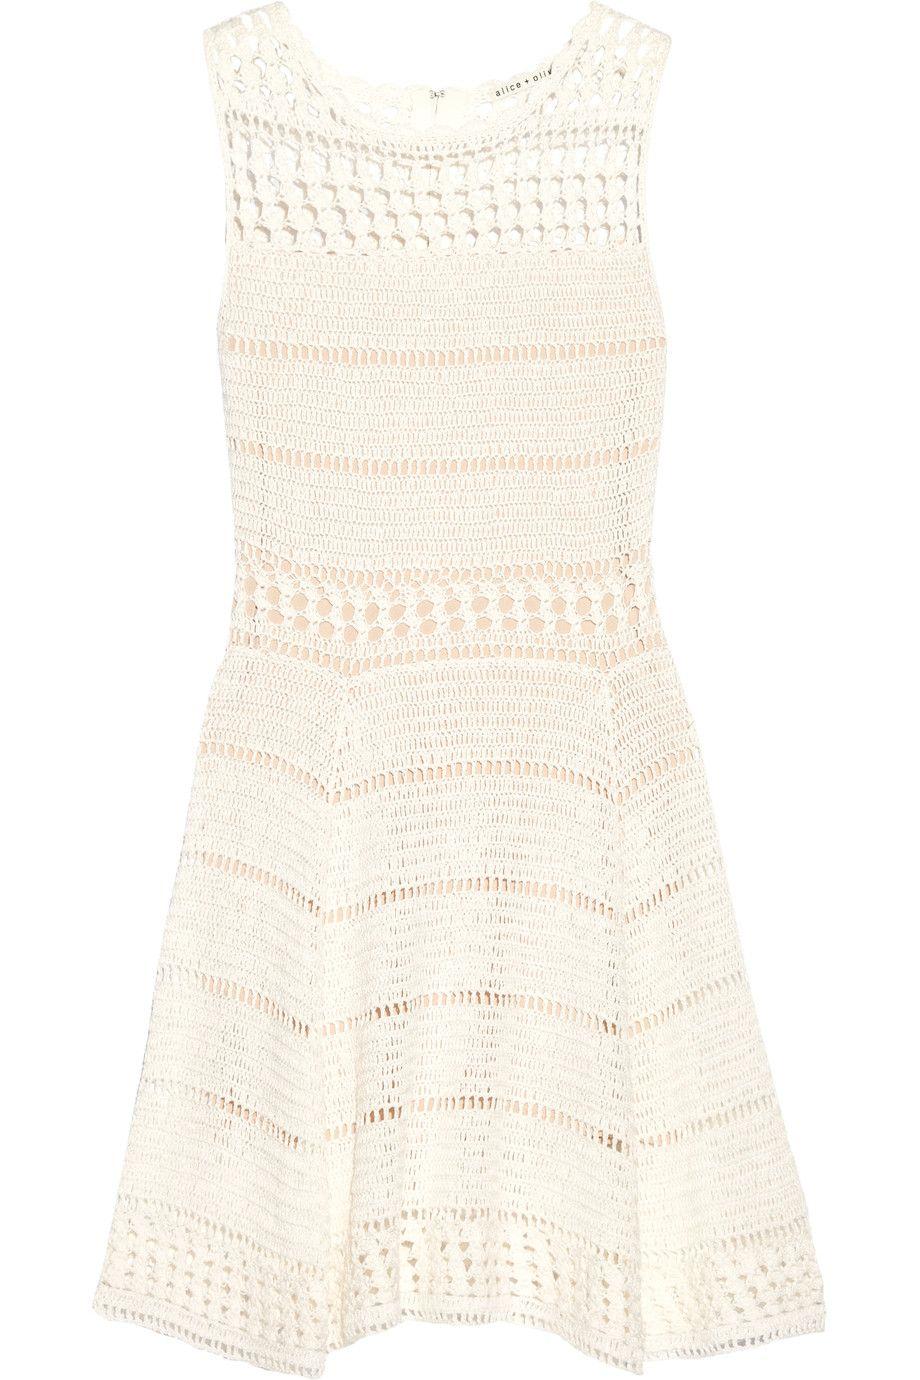 Noella Crocheted Linen Blend Mini Dress White Mini Dress White Fitted Dress White Short Dress